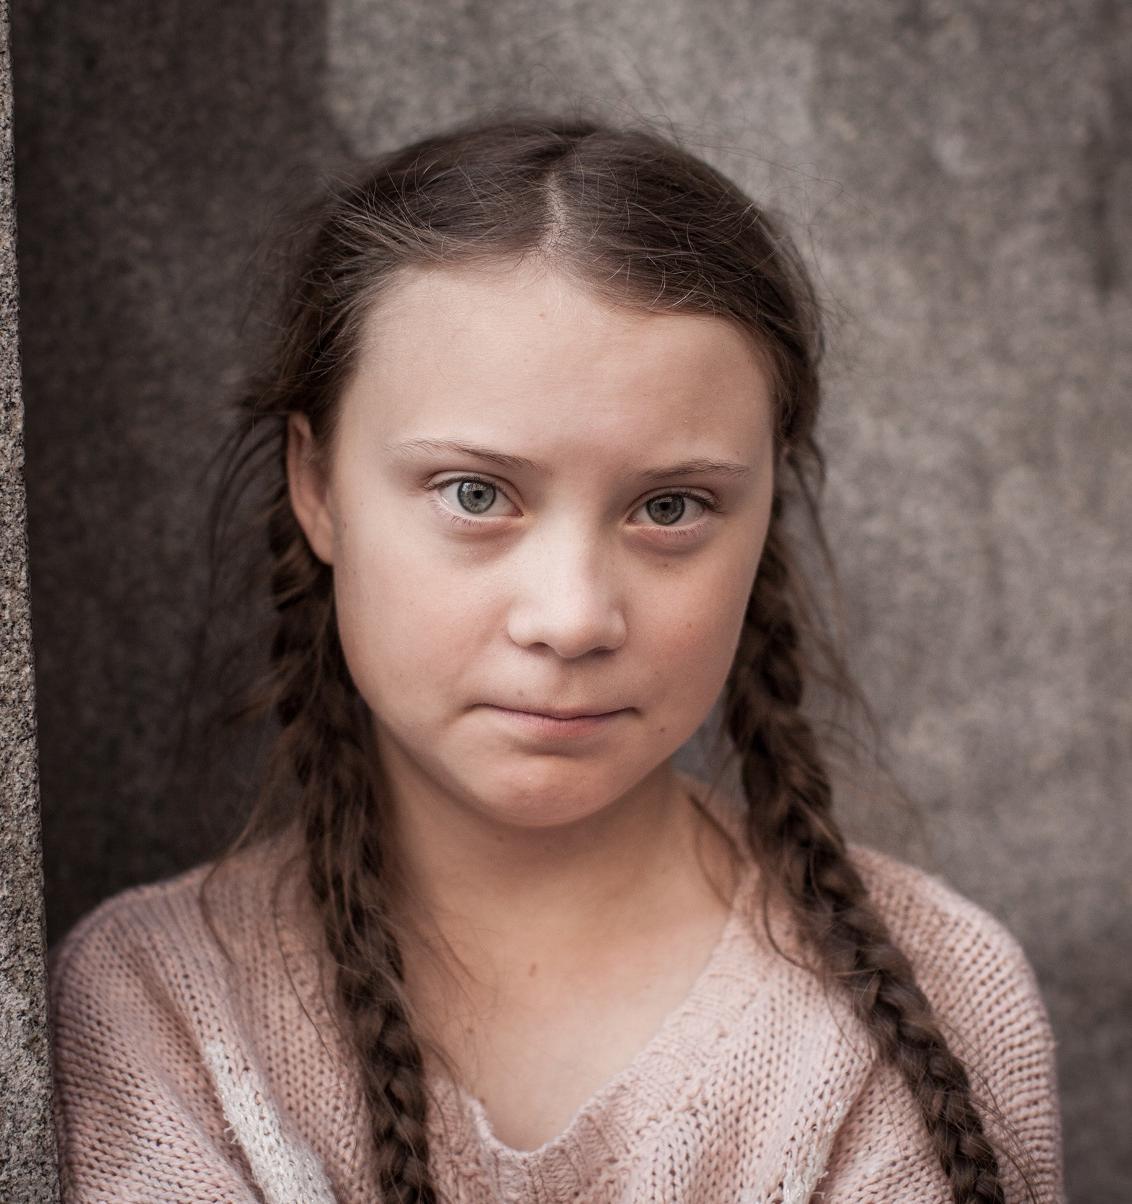 «Иногда мне хочется, чтобы все немного страдали синдромом Аспергера» — фильм «Я-Грета» выходит в России